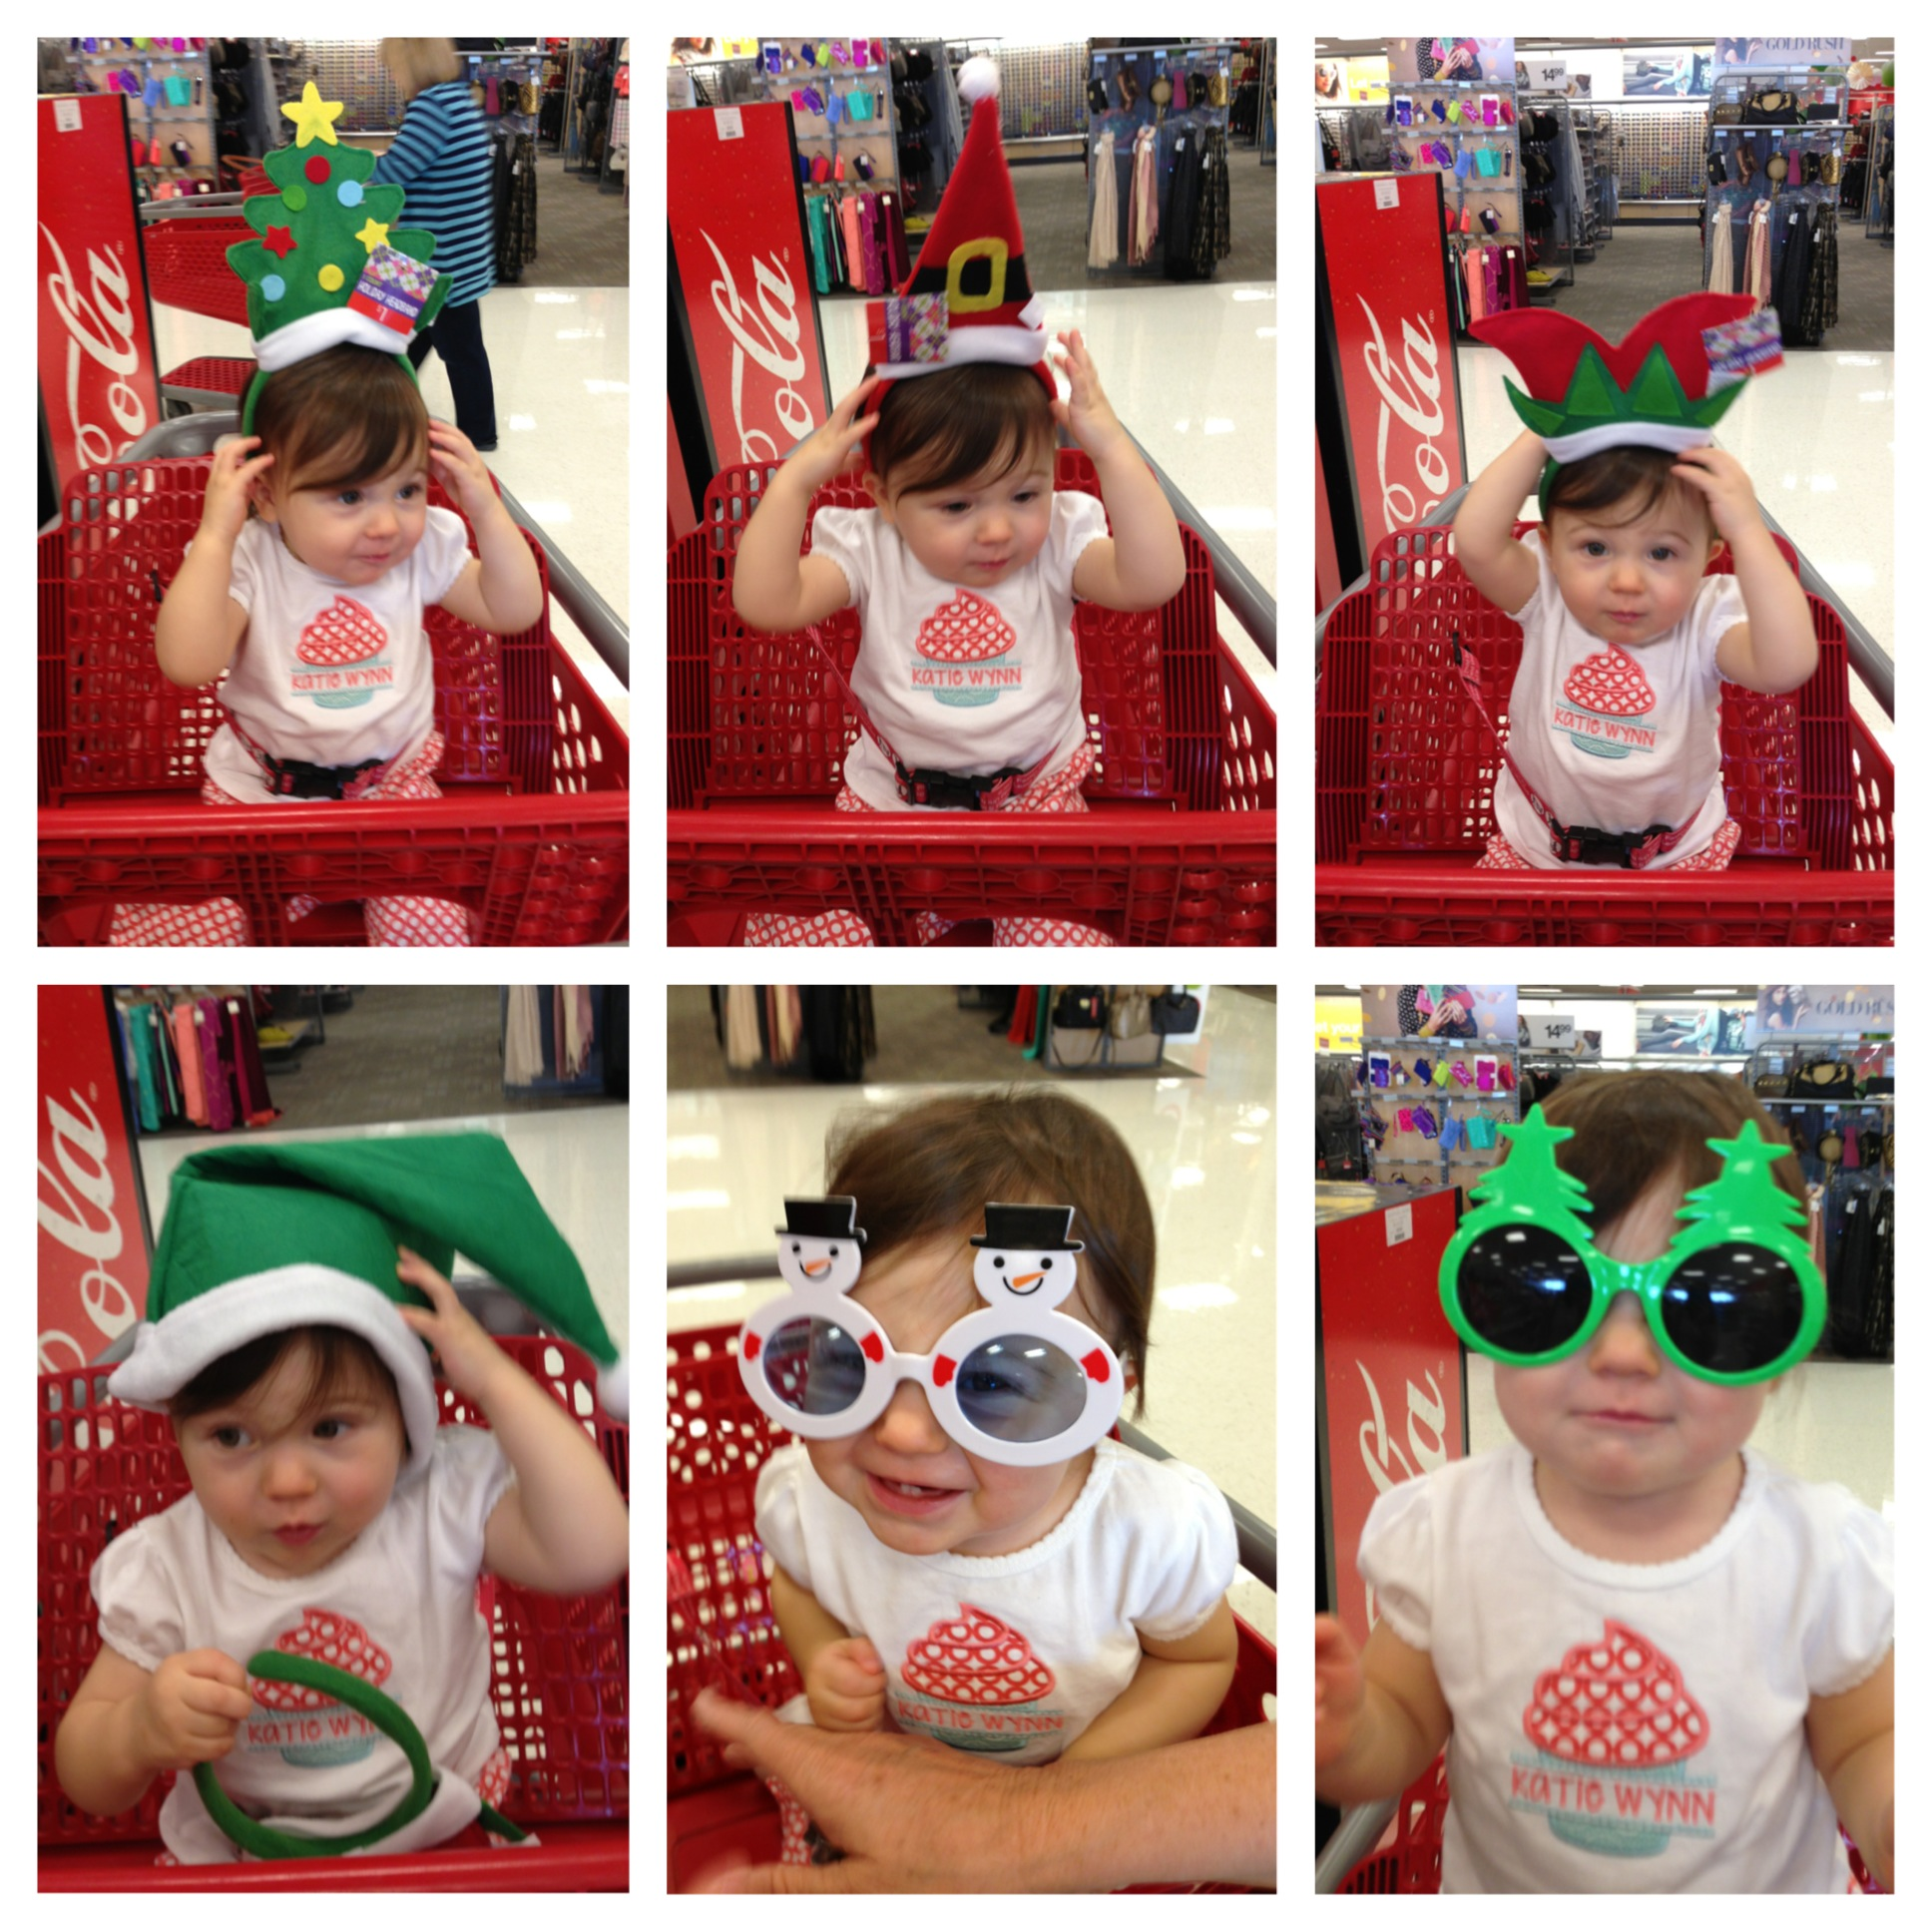 Holiday headgear at Target!